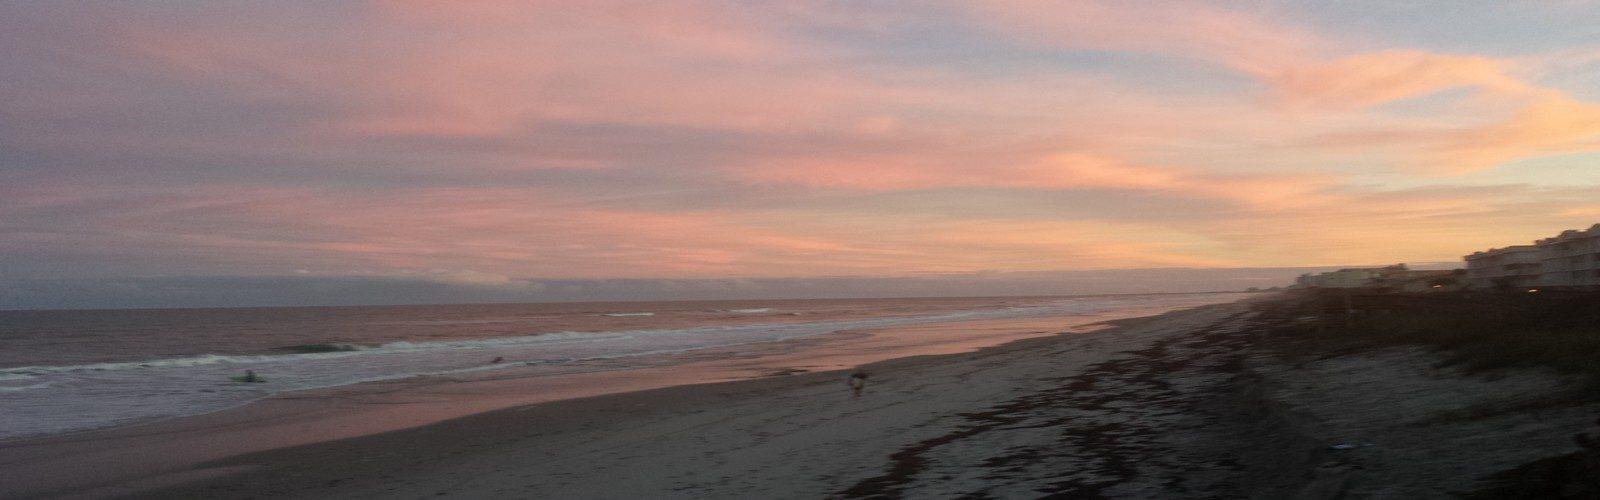 dawn.beach